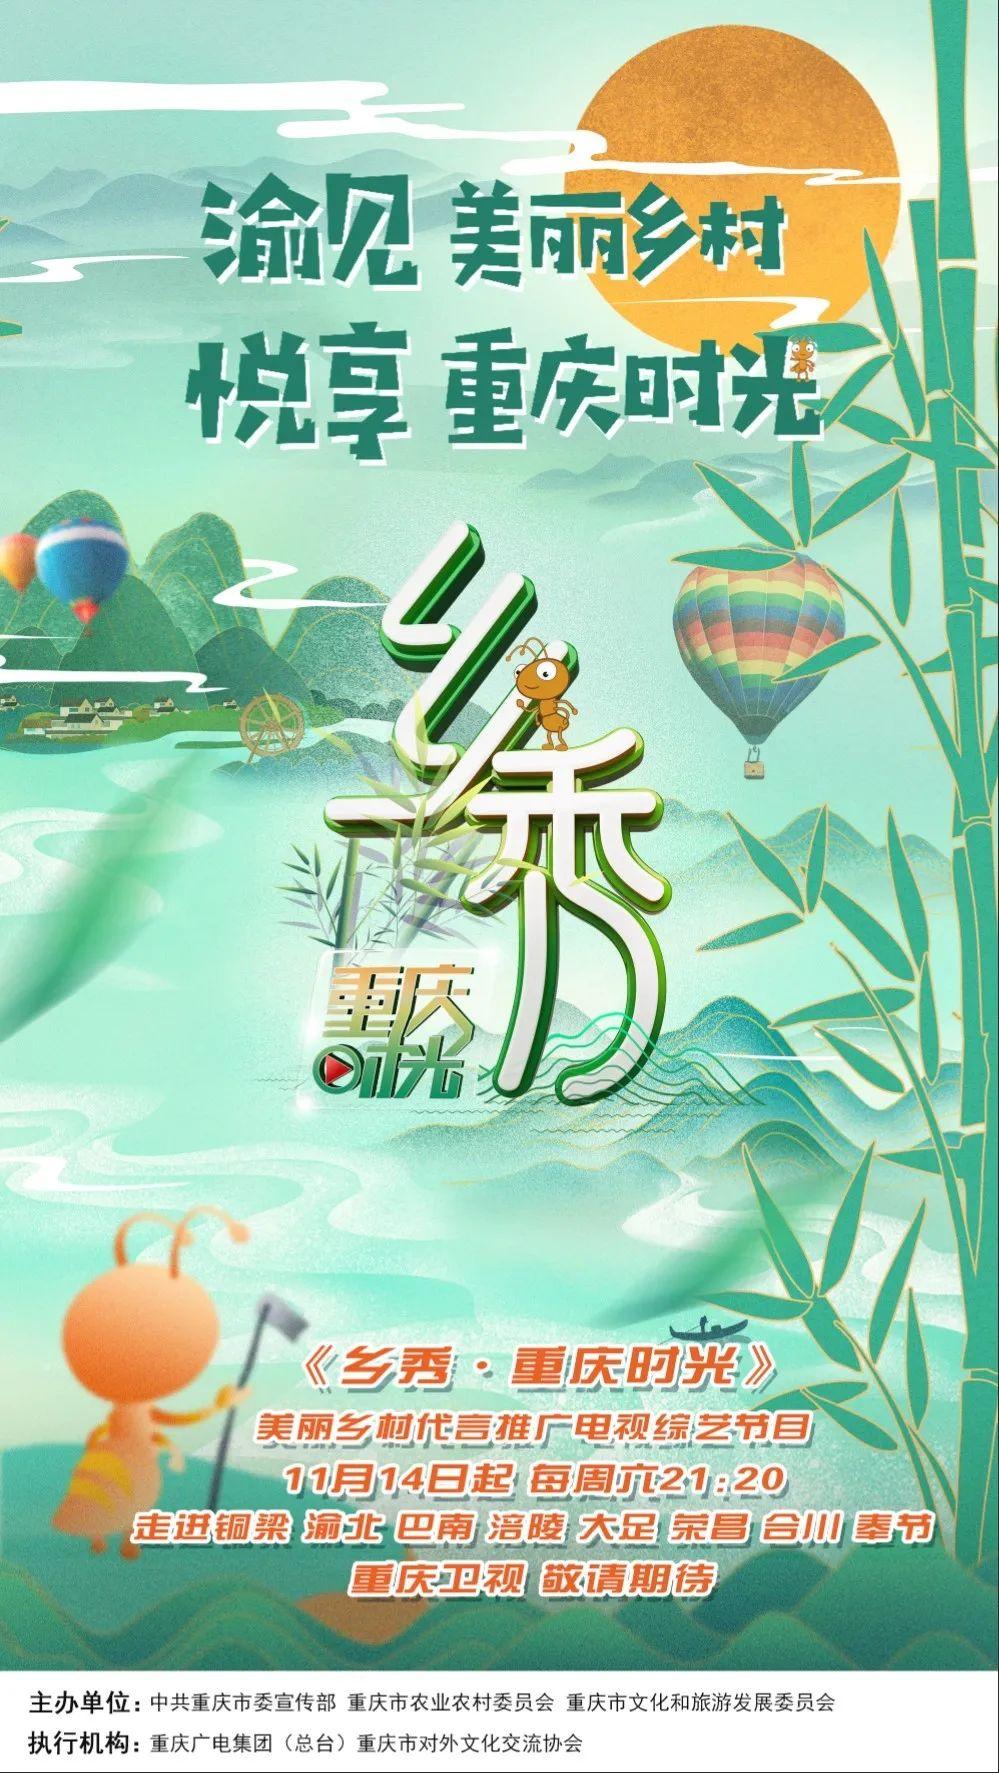 《乡秀•重庆时光》周六首播图片